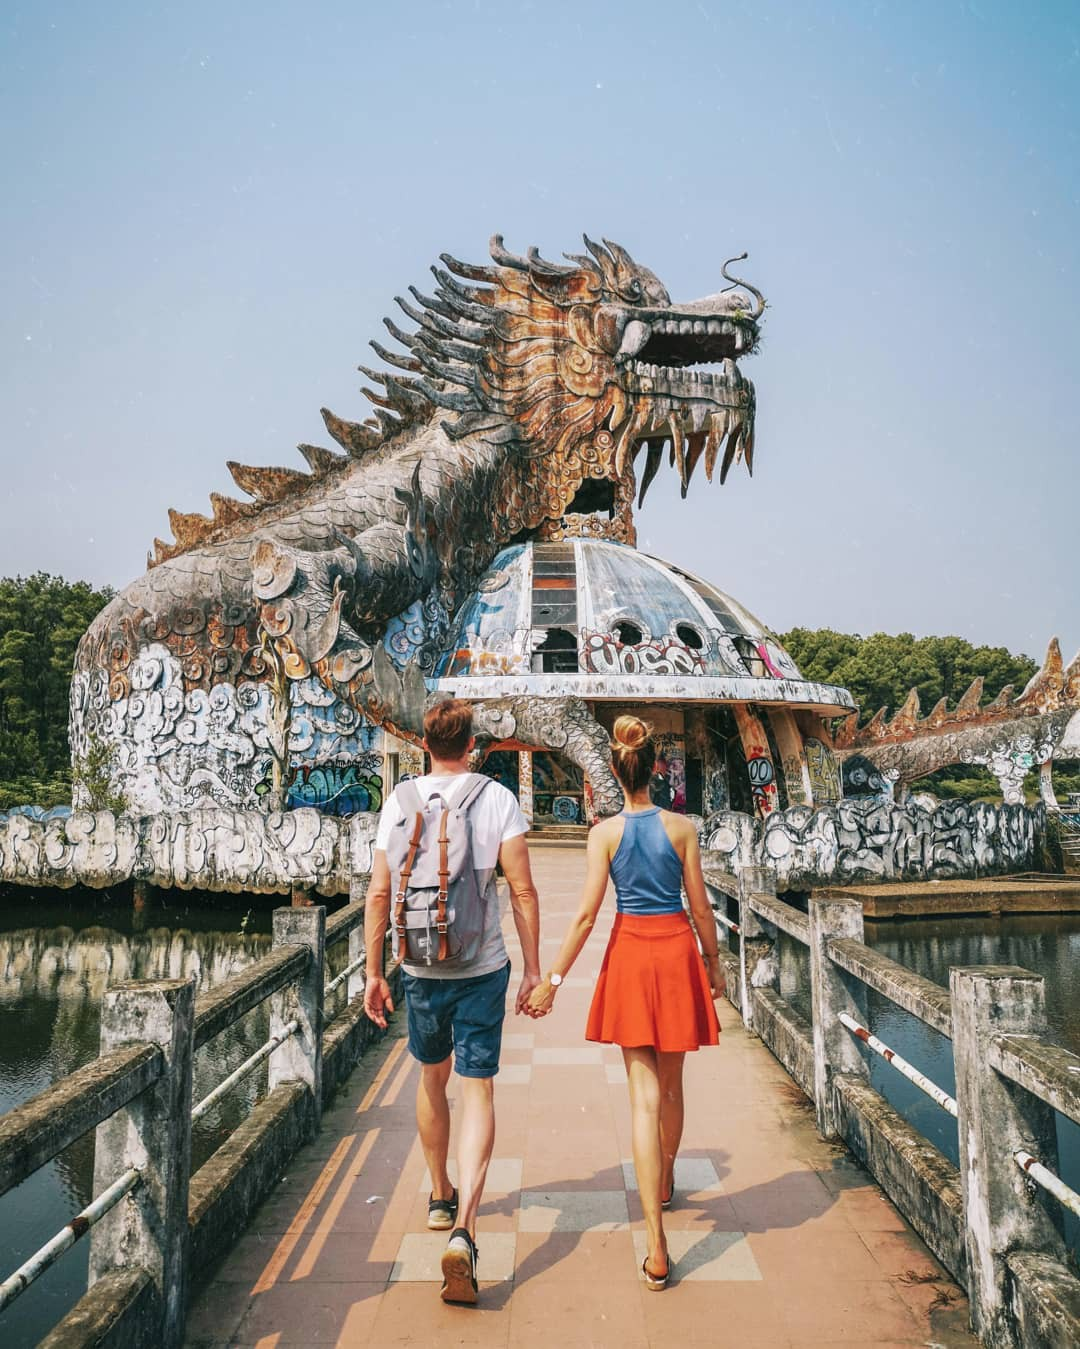 """Không kém cạnh Thái Lan, Việt Nam cũng có tọa độ được canh giữ bởi """"rồng khổng lồ"""" còn rùng rợn hơn nước bạn - Ảnh 4."""